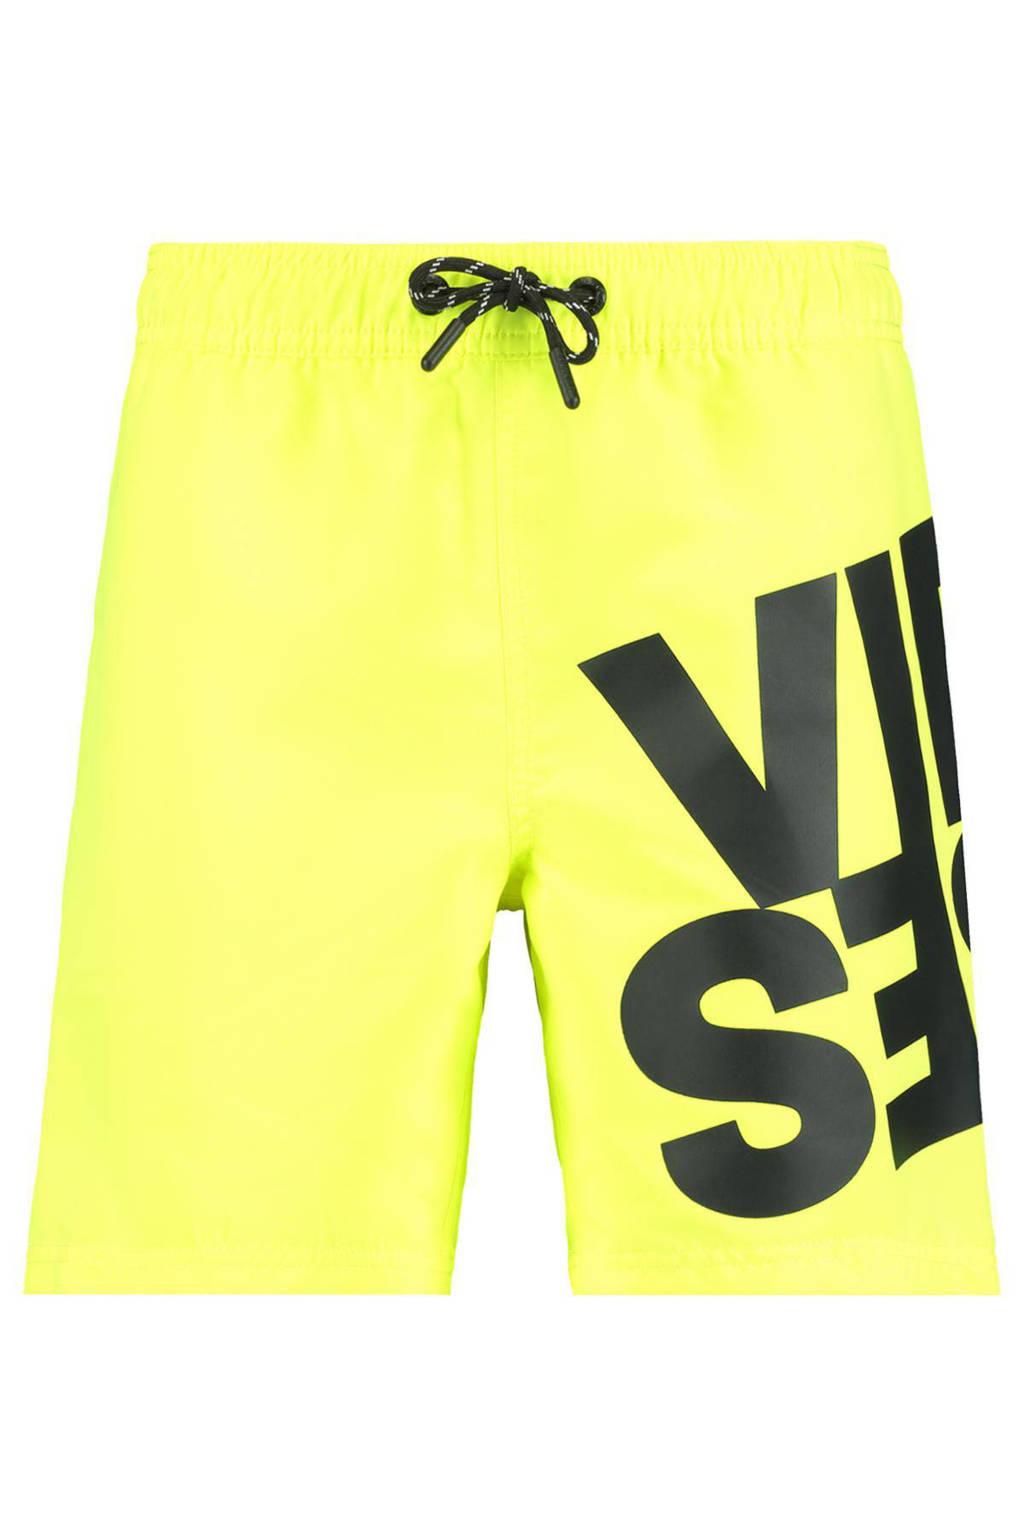 CoolCat Junior zwemshort Wave met tekst geel/zwart, Geel